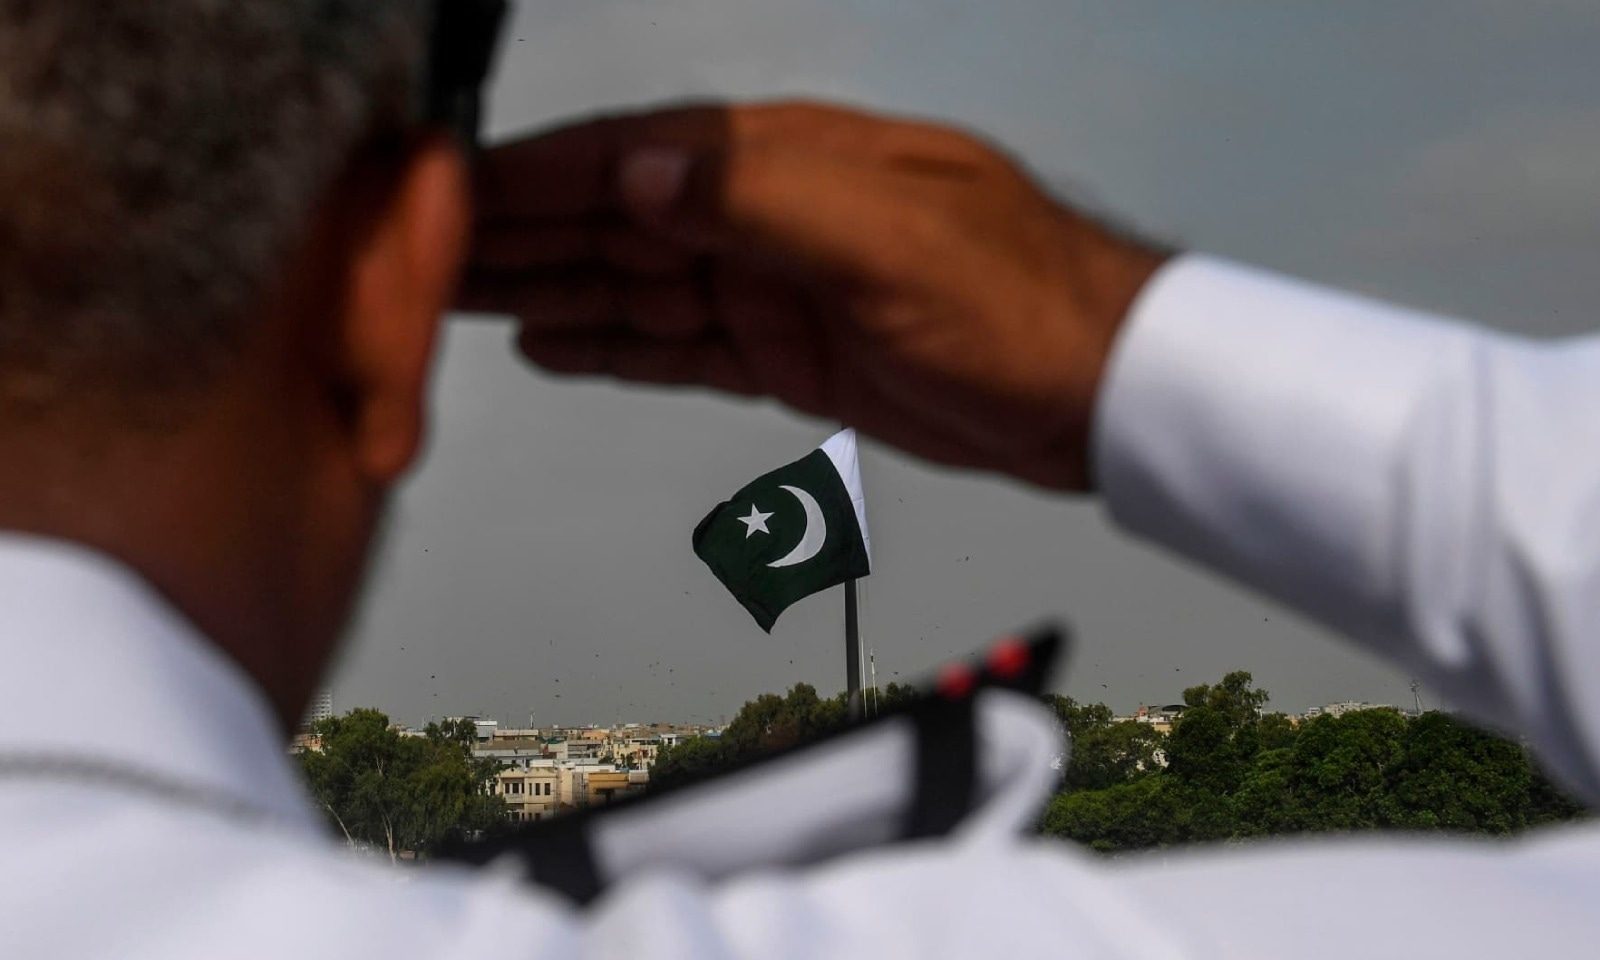 پاک بحریہ کے افسر قائد اعظم کی مزار پر لہرانے والے قومی پرچم کو سیلوٹ کر رہے ہیں — فوٹو: اے ایف پی